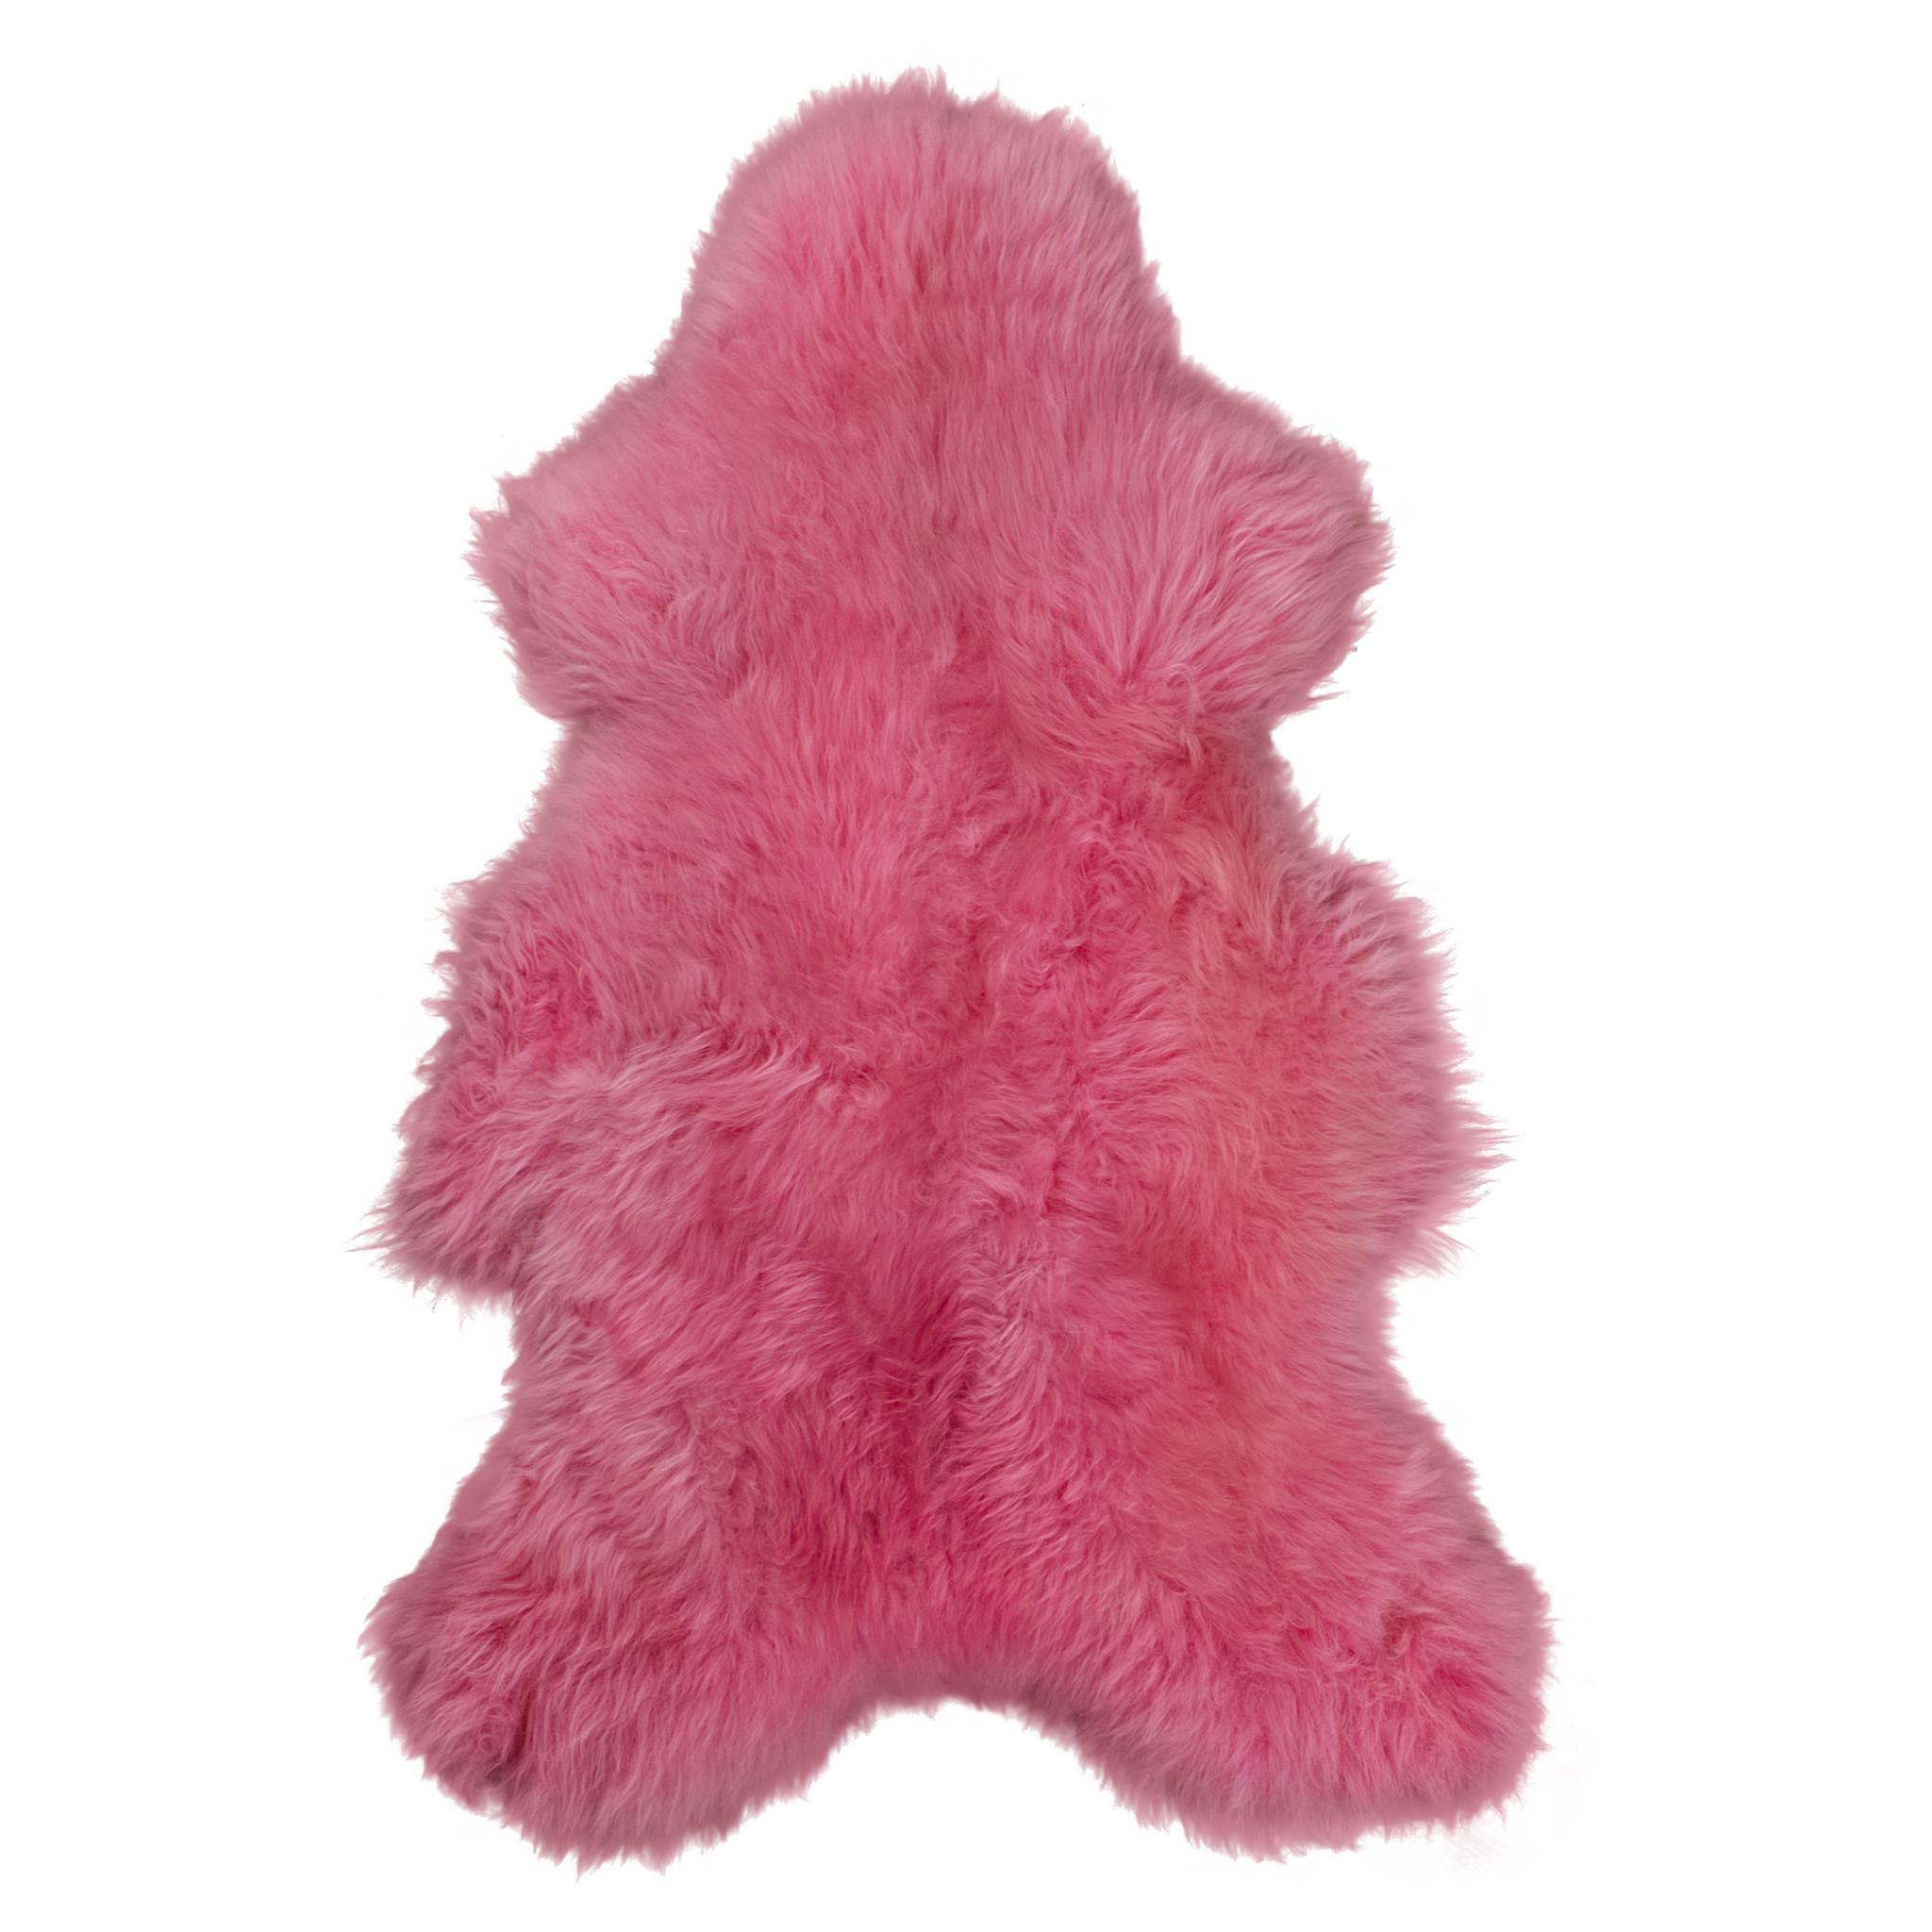 testVan Buren Schapenvacht fuchsia / roze Texels